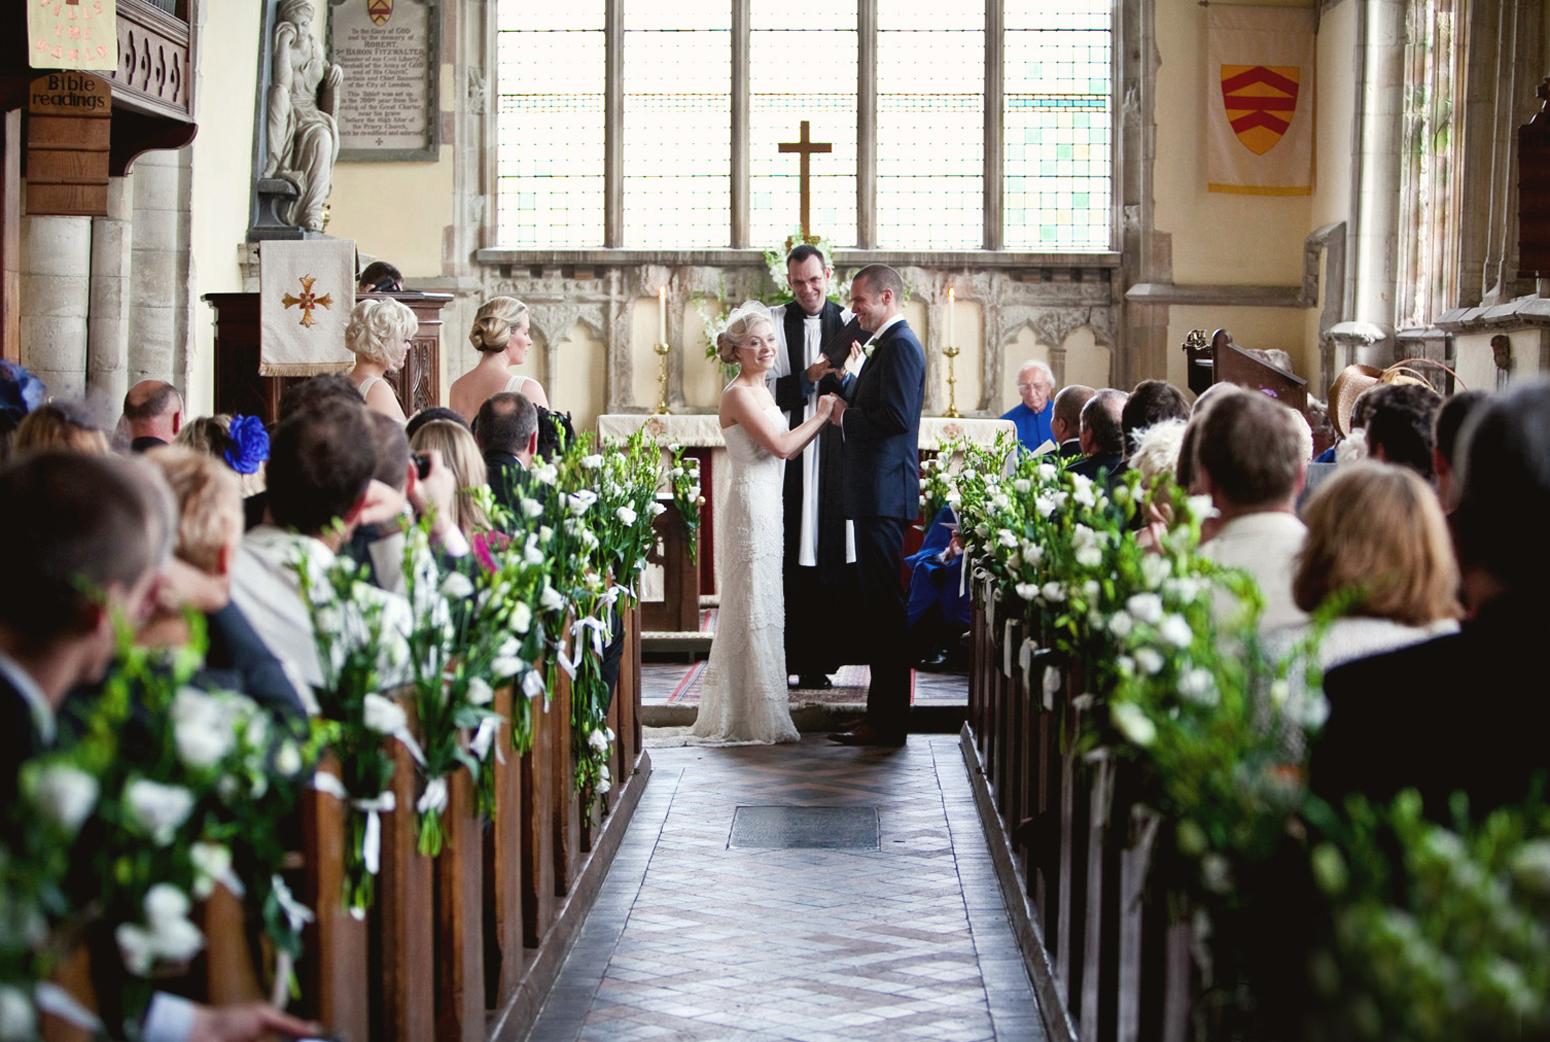 Chruch wedding in England